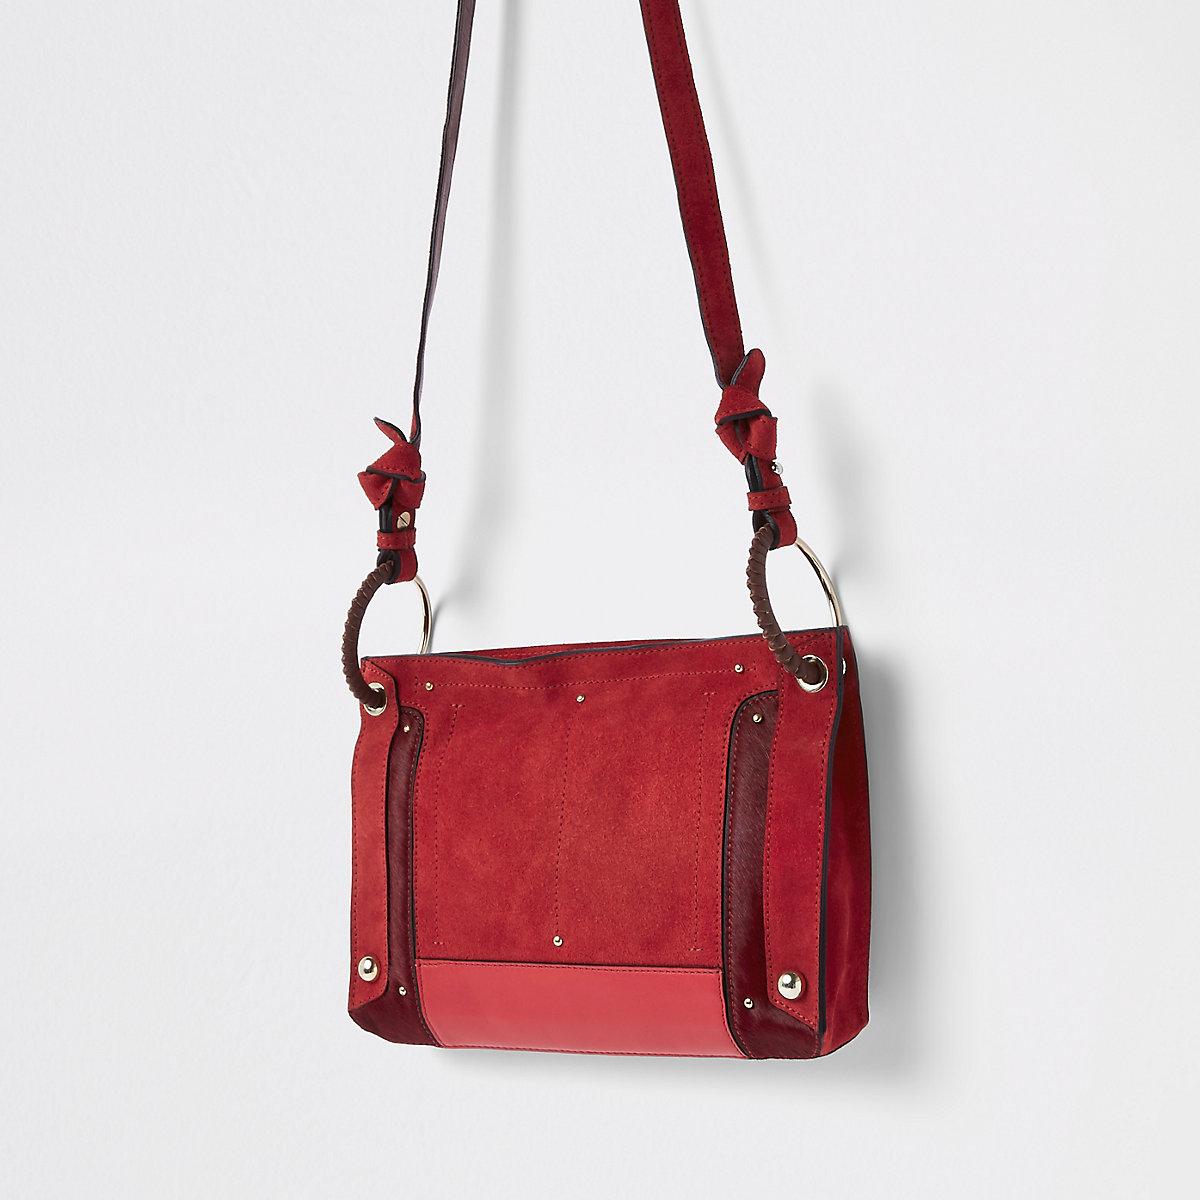 Red leather metal hoop cross body bag